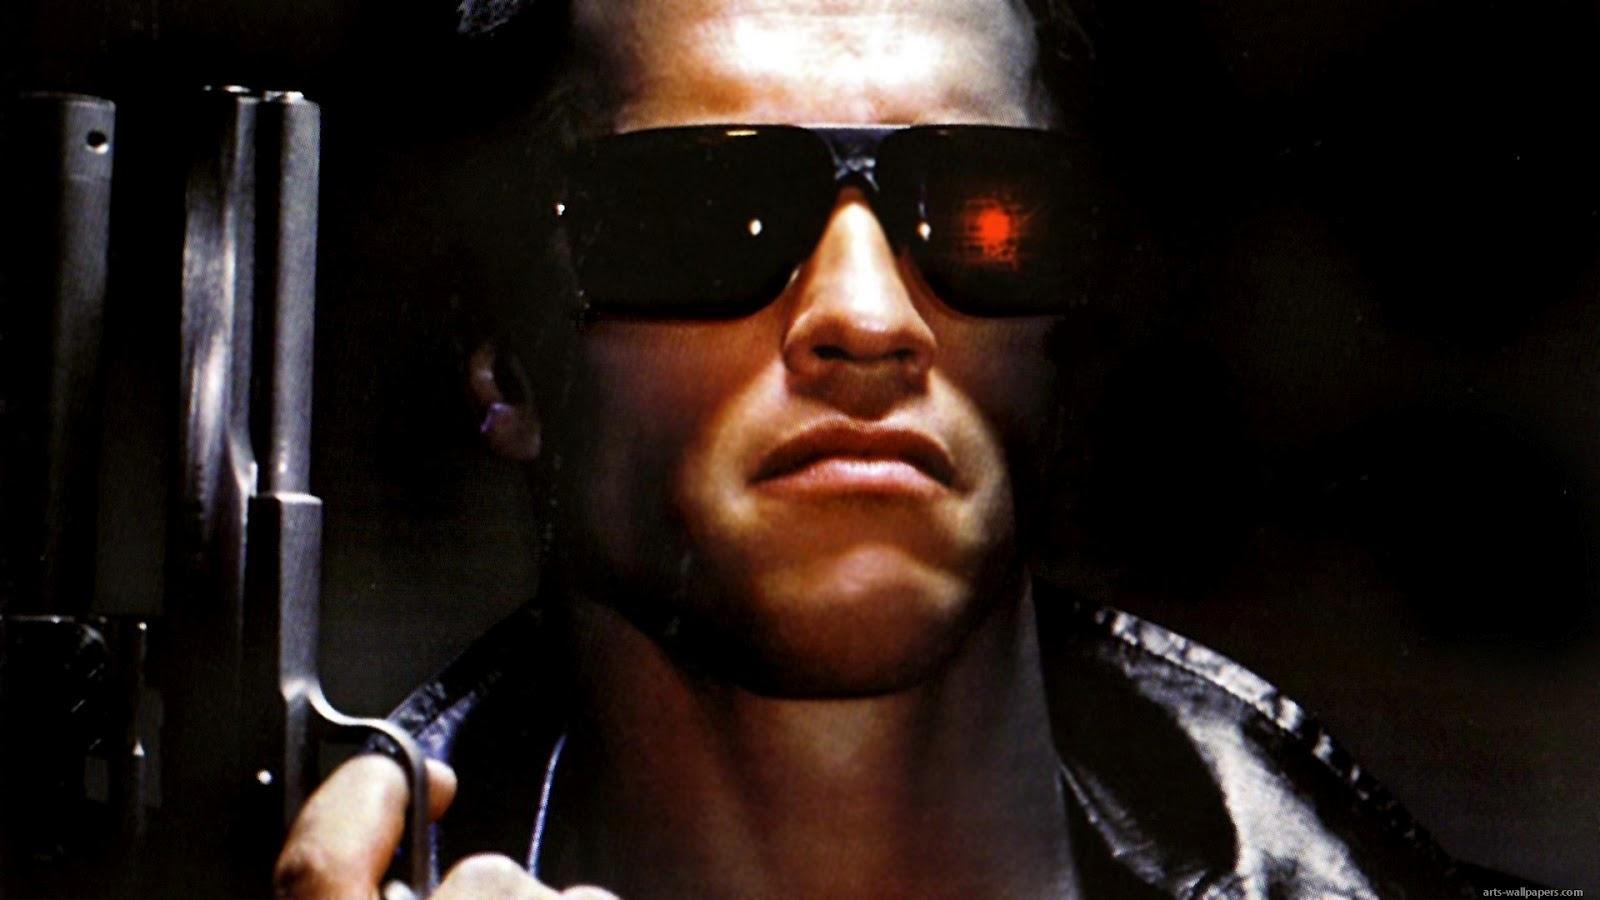 http://2.bp.blogspot.com/-8VgAoVs9oyg/UBKgZkUkkFI/AAAAAAAAC-M/LFgMTP95pz0/s1600/The-Terminator-1984-Wallpaper-Poster-2.jpg